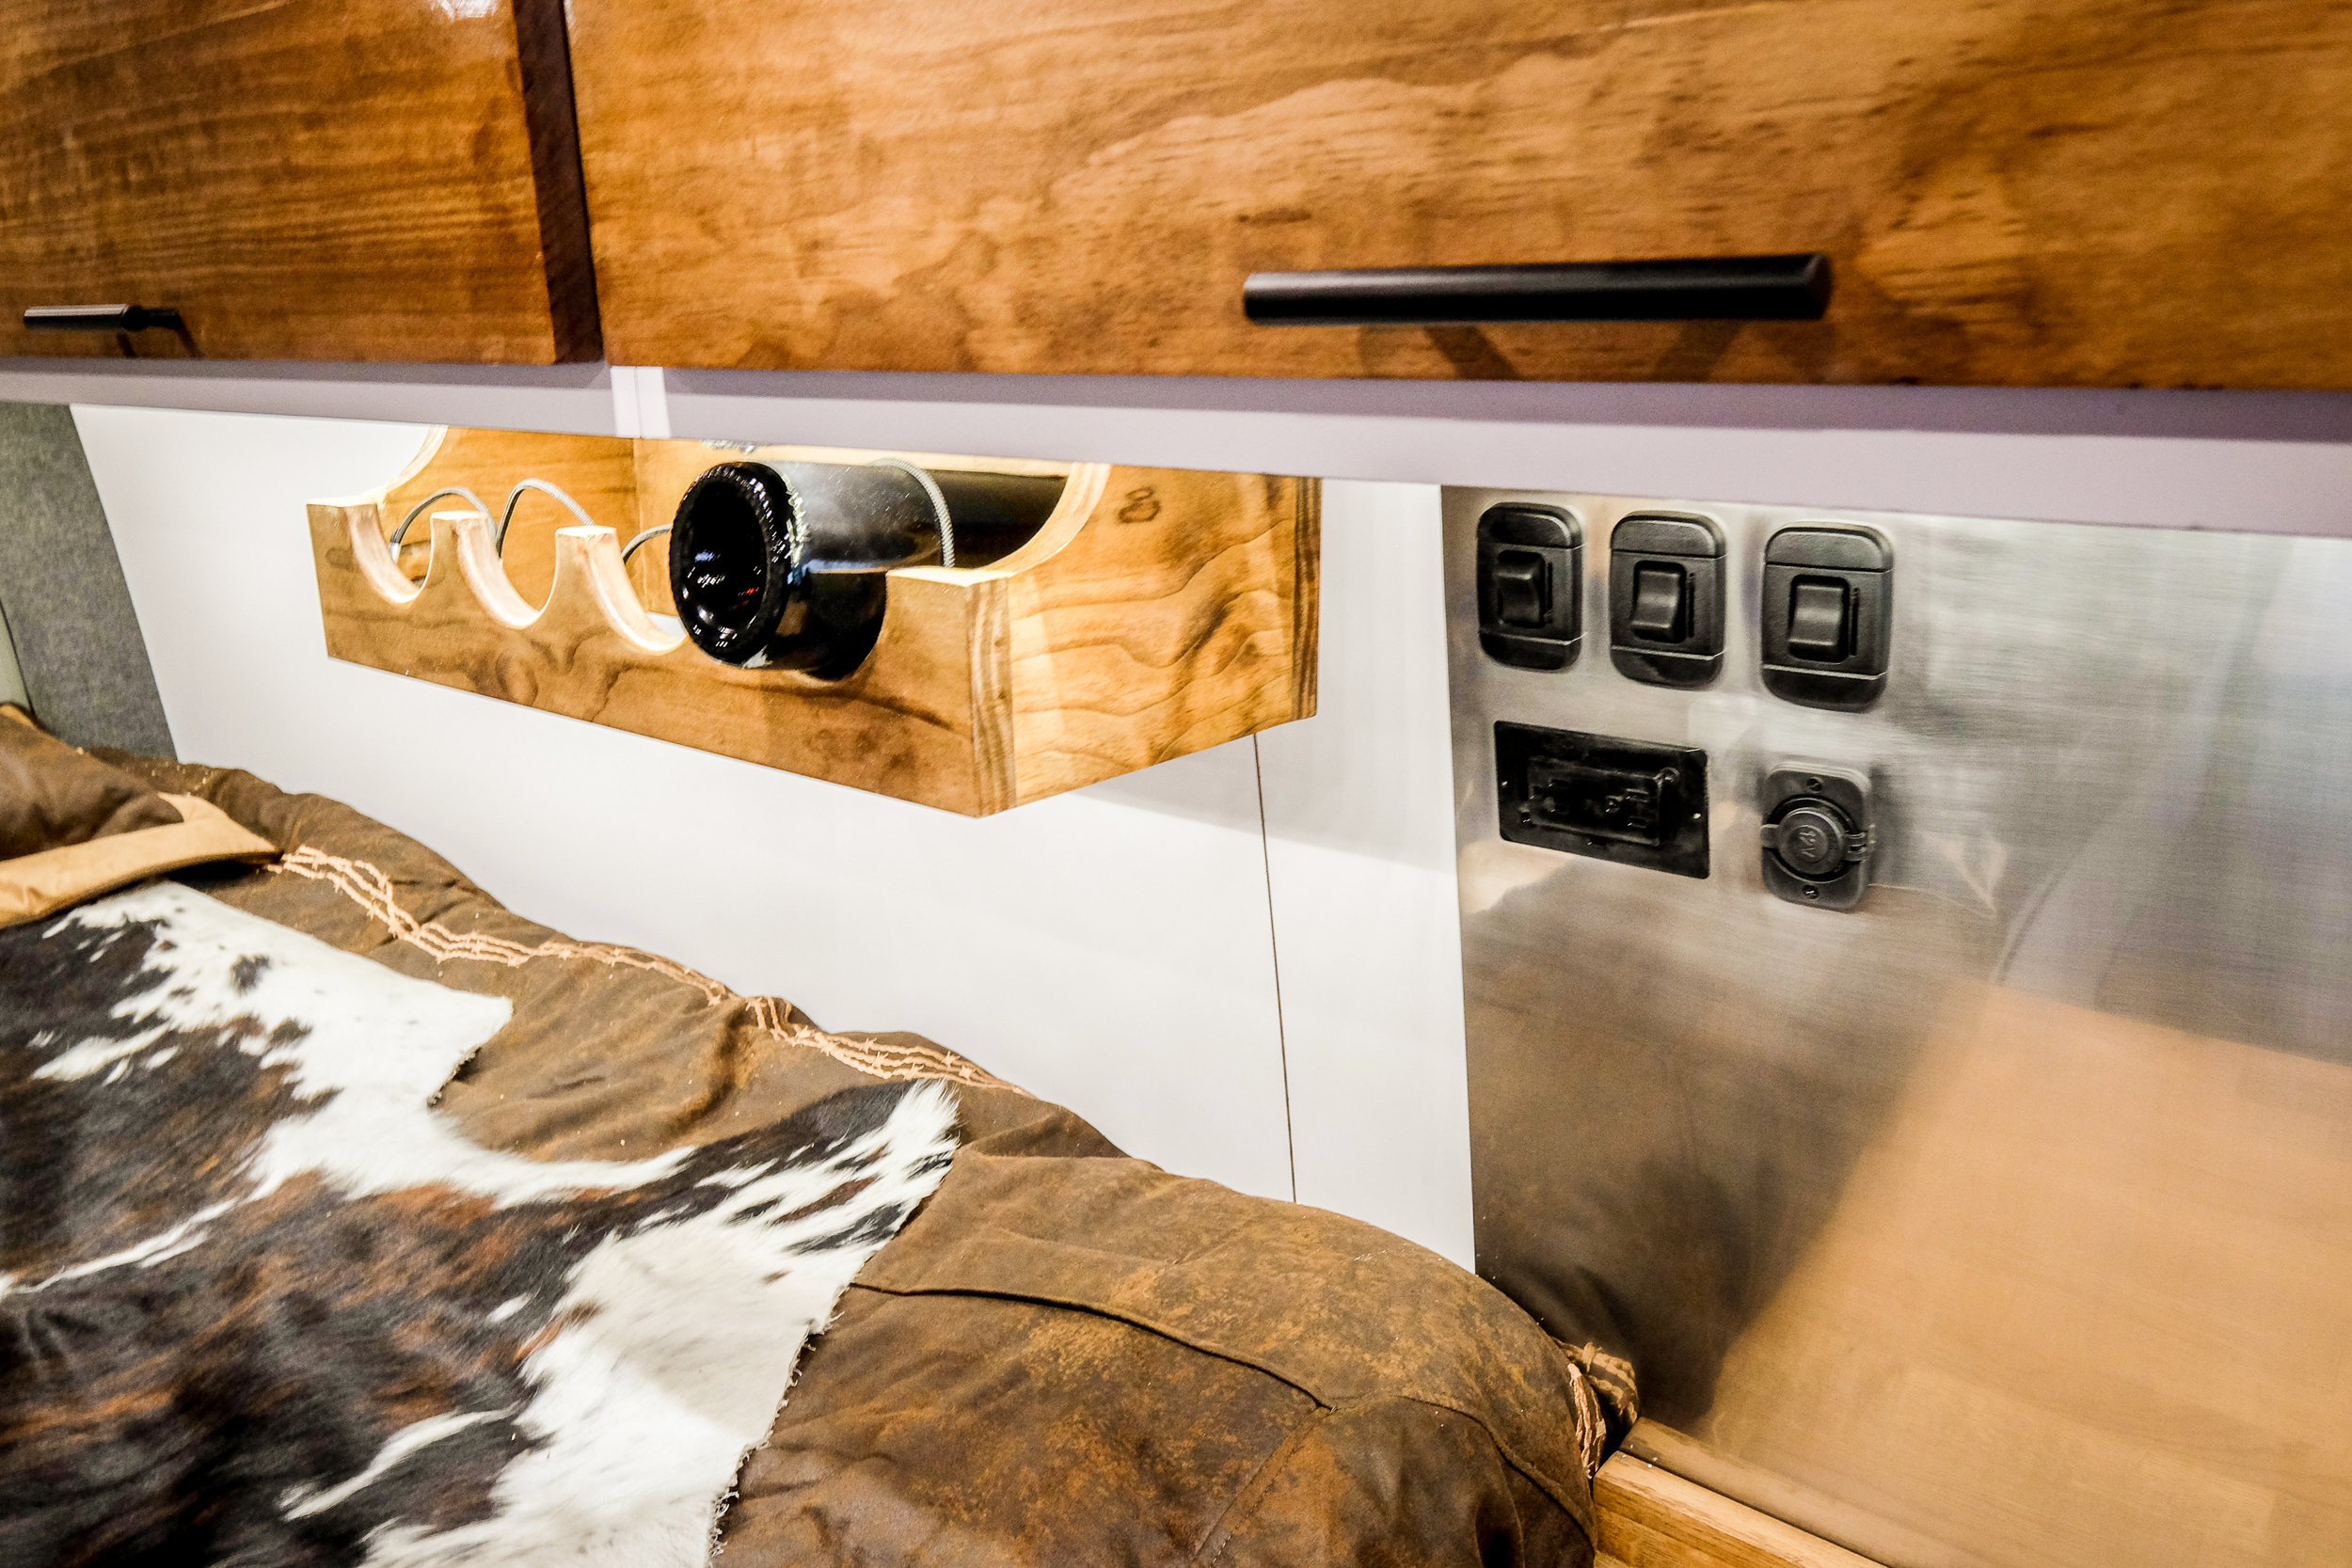 Mercedes Sprinter 4x4 Campervan Conversion Wine Rack